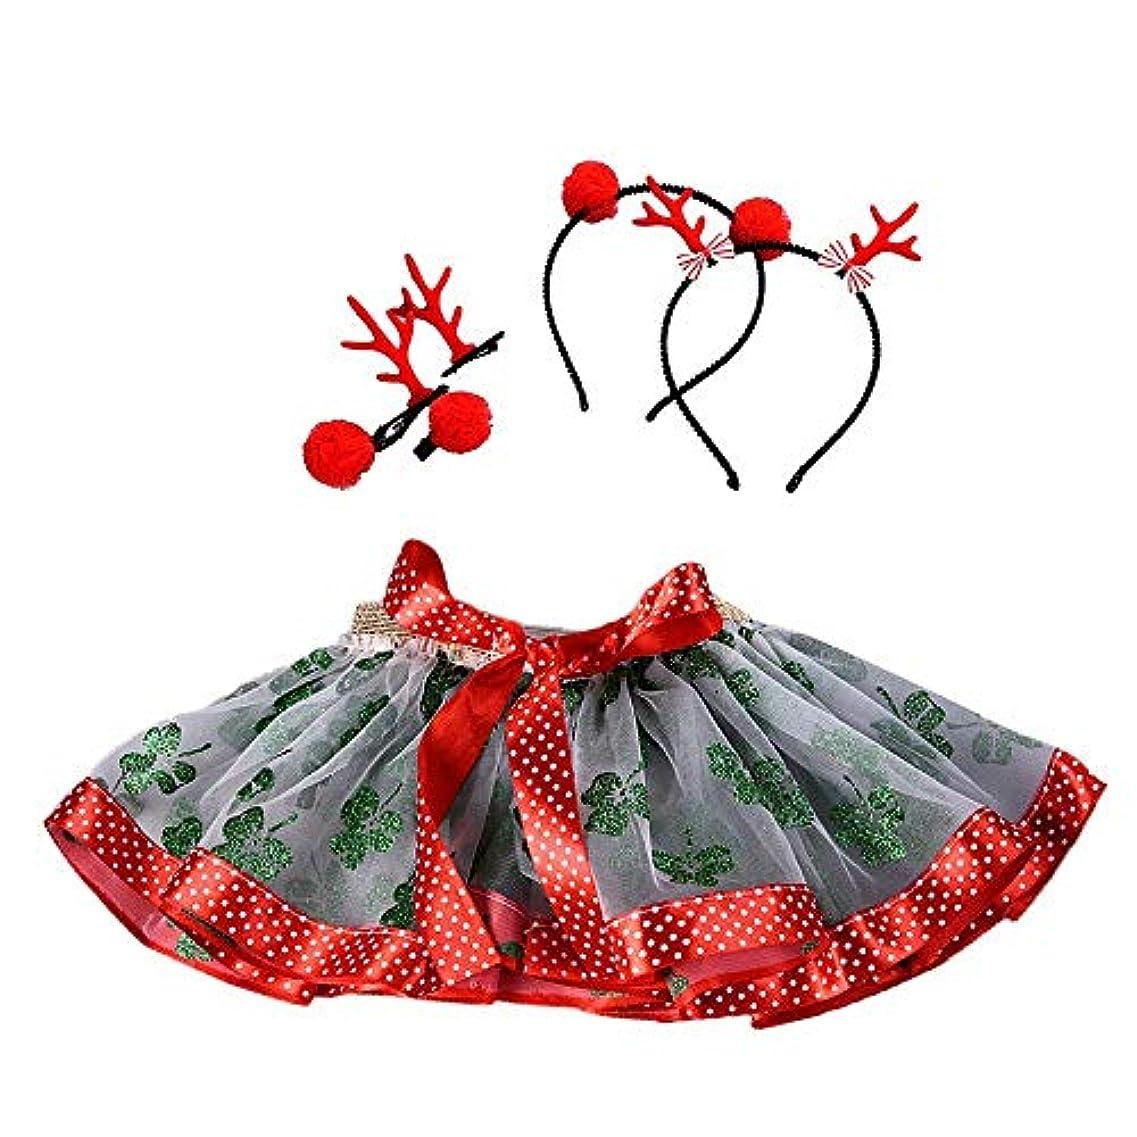 うがい薬驚き洗剤スカート+ヘアフープ 女の子 クリスマス 可愛い きれい ダンスウェア バレエスカート Jopinica 子供服 パーティースカート チュチュスカート ペチスカート キッズ ガールズ プリンセススカート キラキラ ステッチ コスチューム プリーツスカート